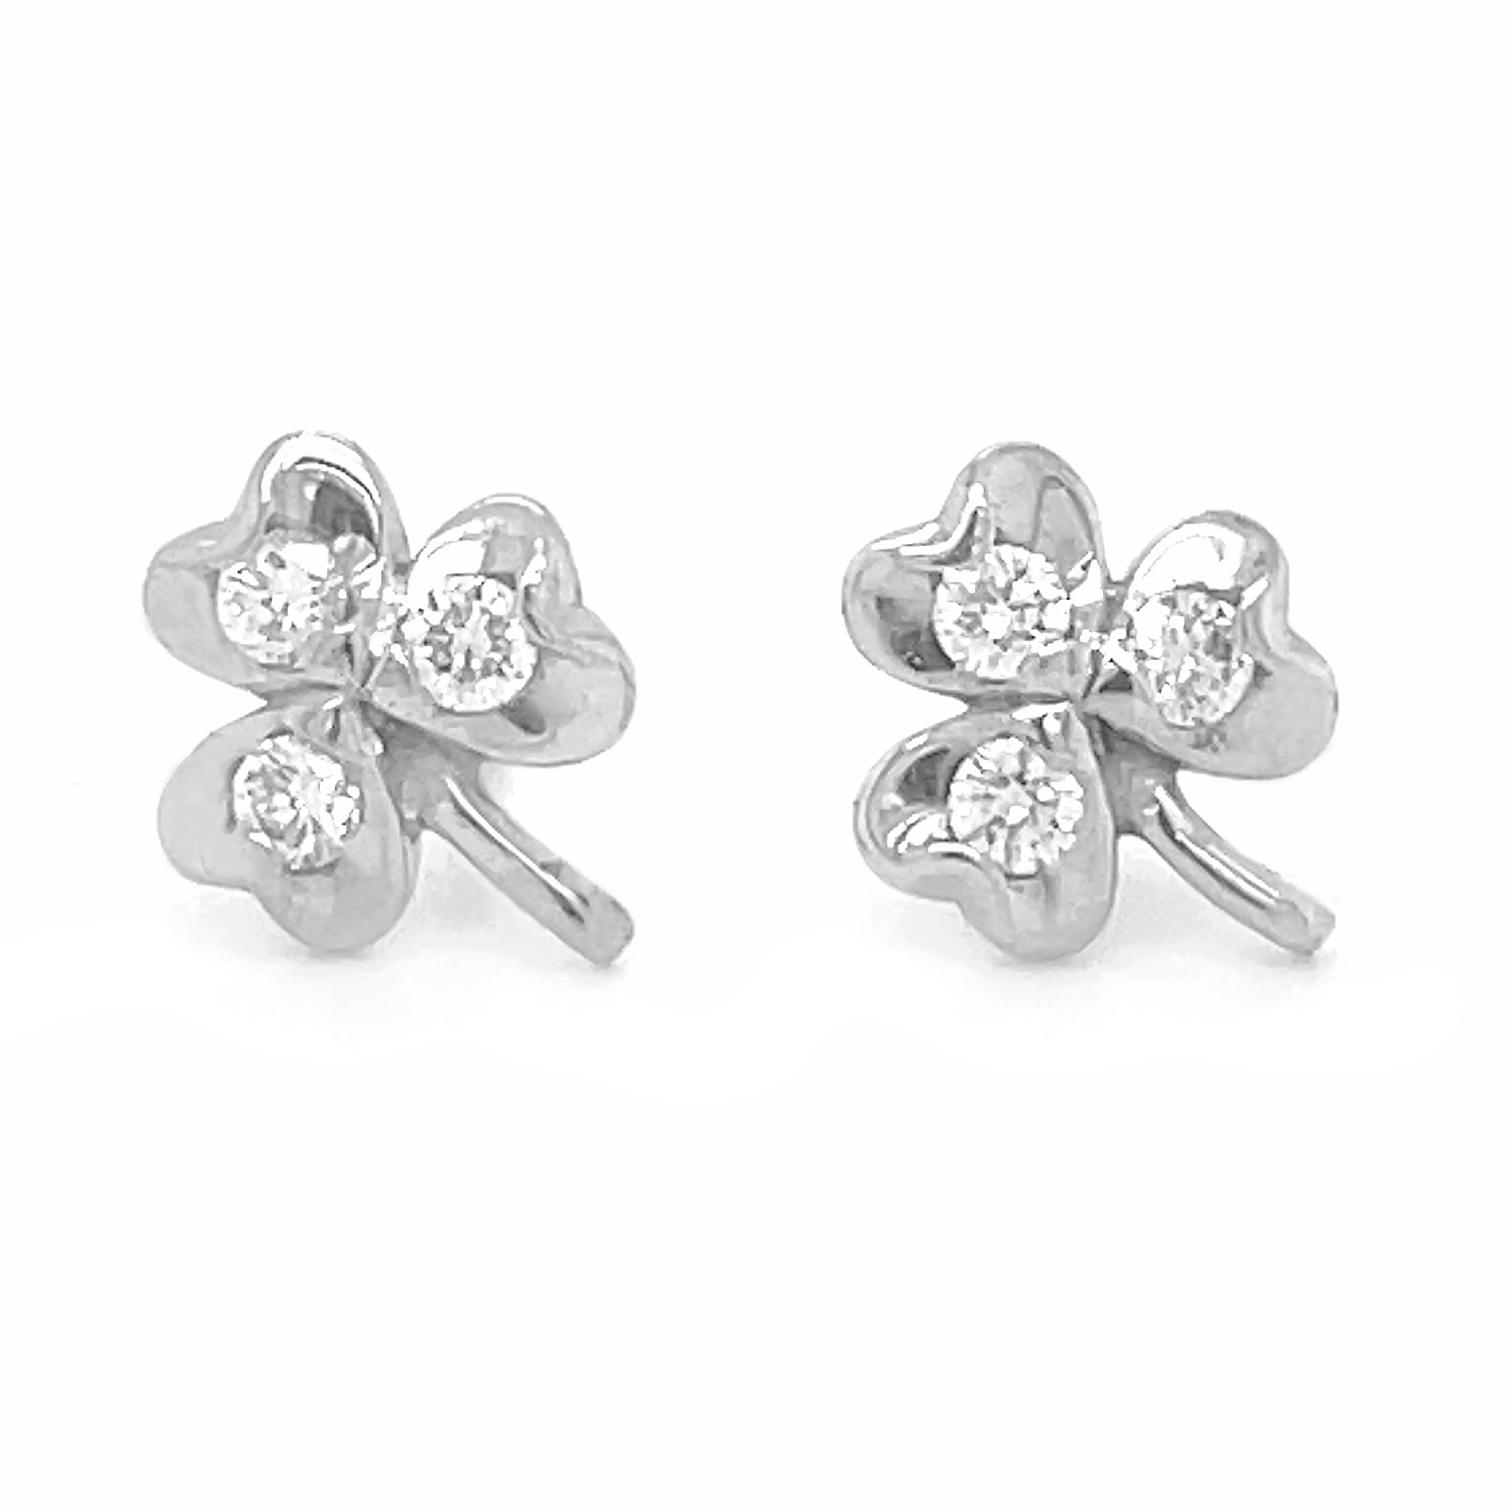 Diamond Shamrock Stud Earrings